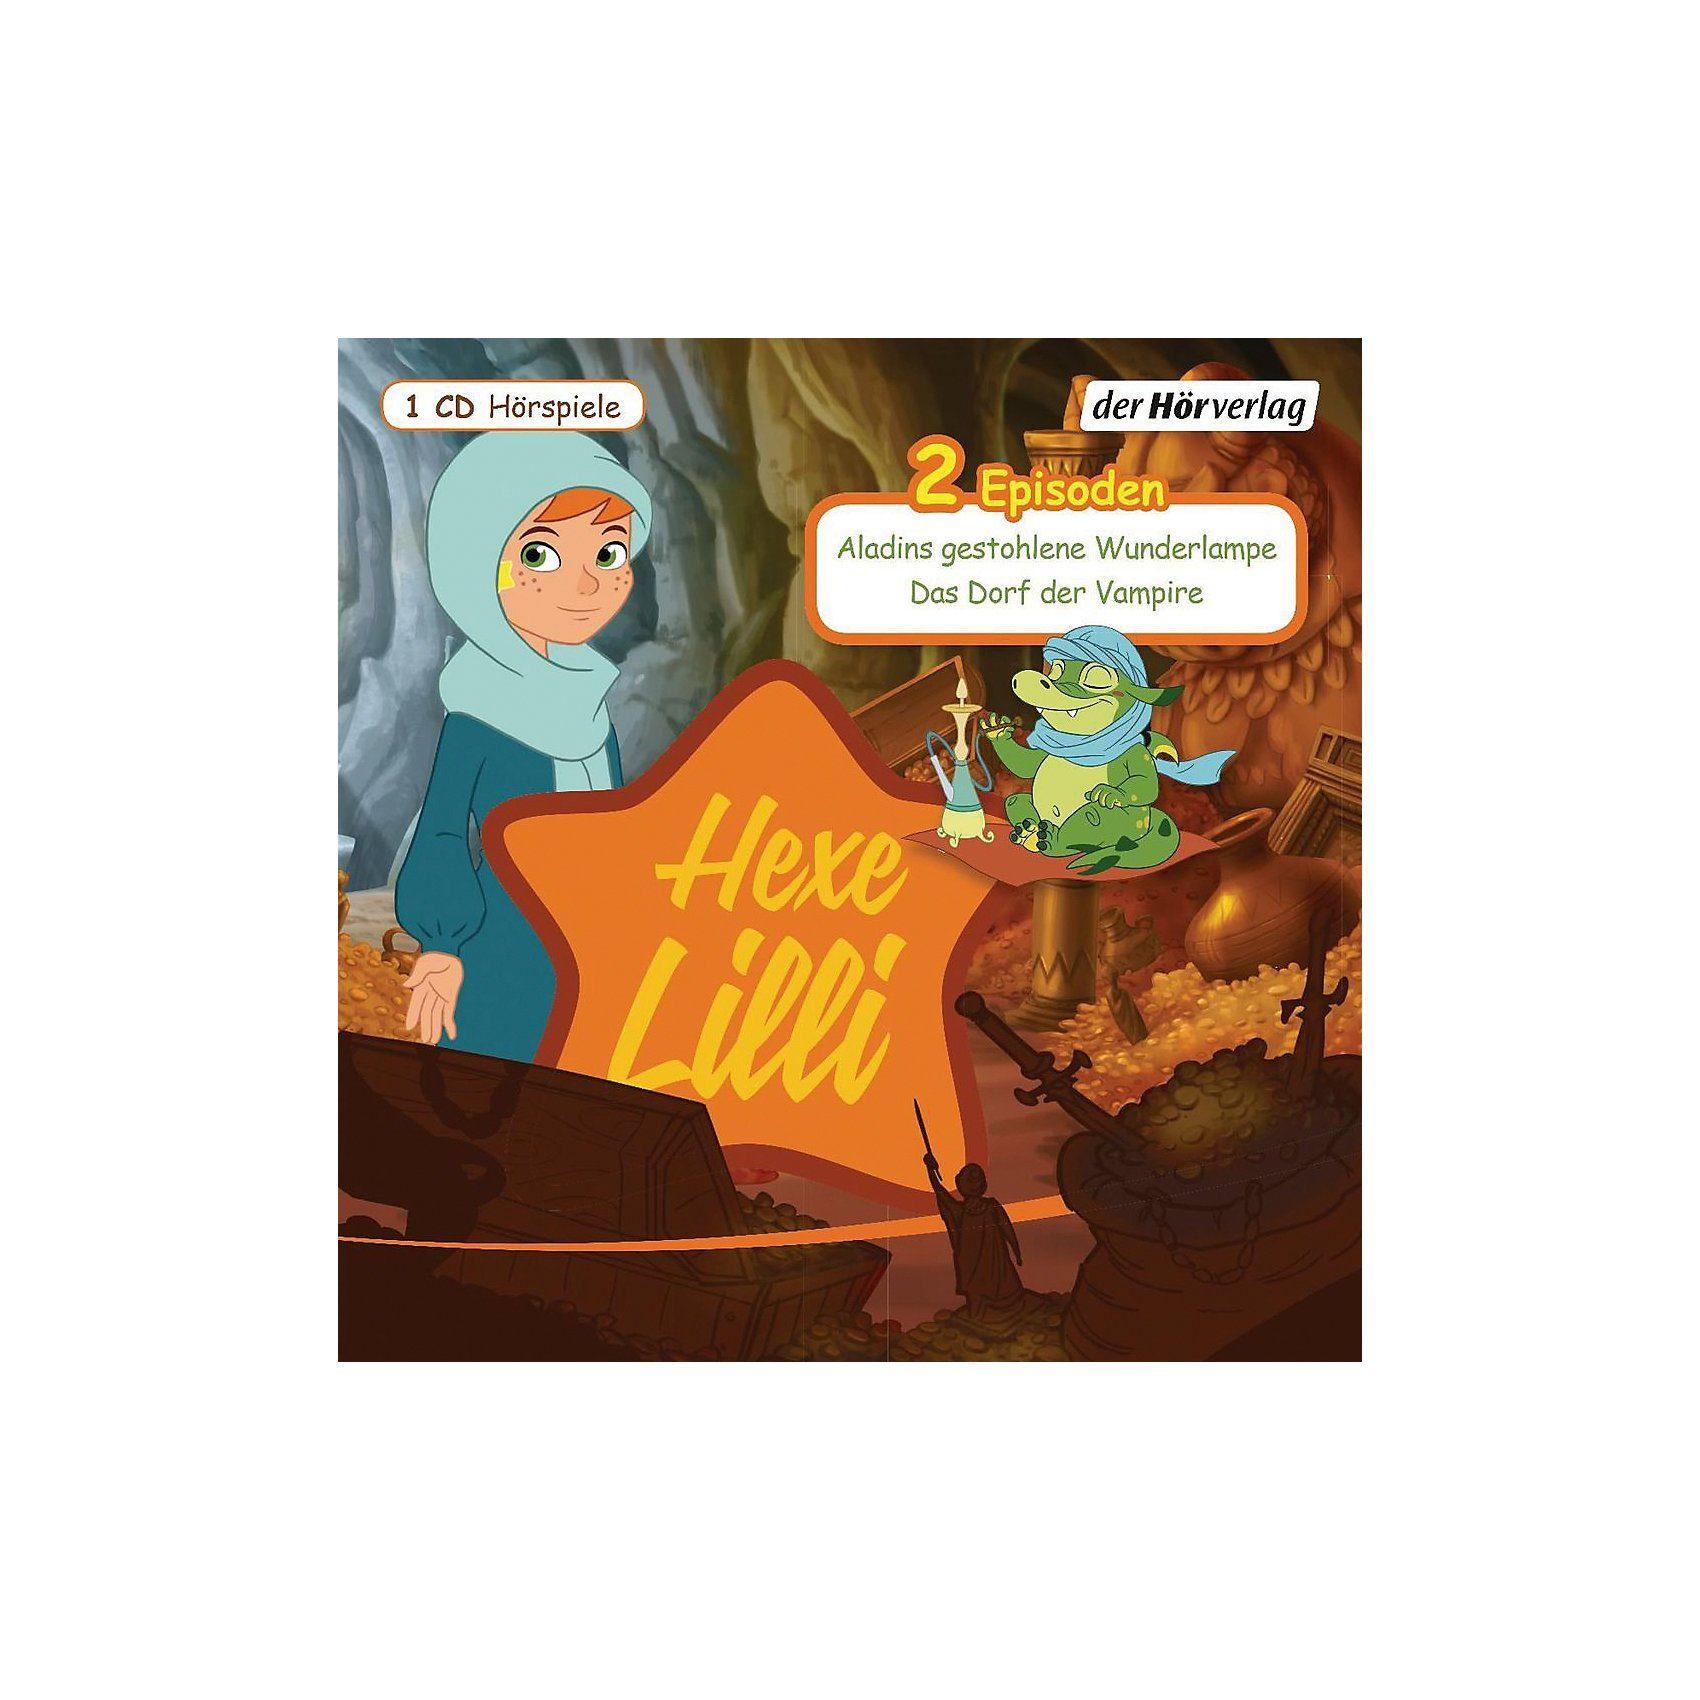 Edel CD Hexe Lilli 12 - Aladins gestohlene Wunderlampe/Das Dorf d